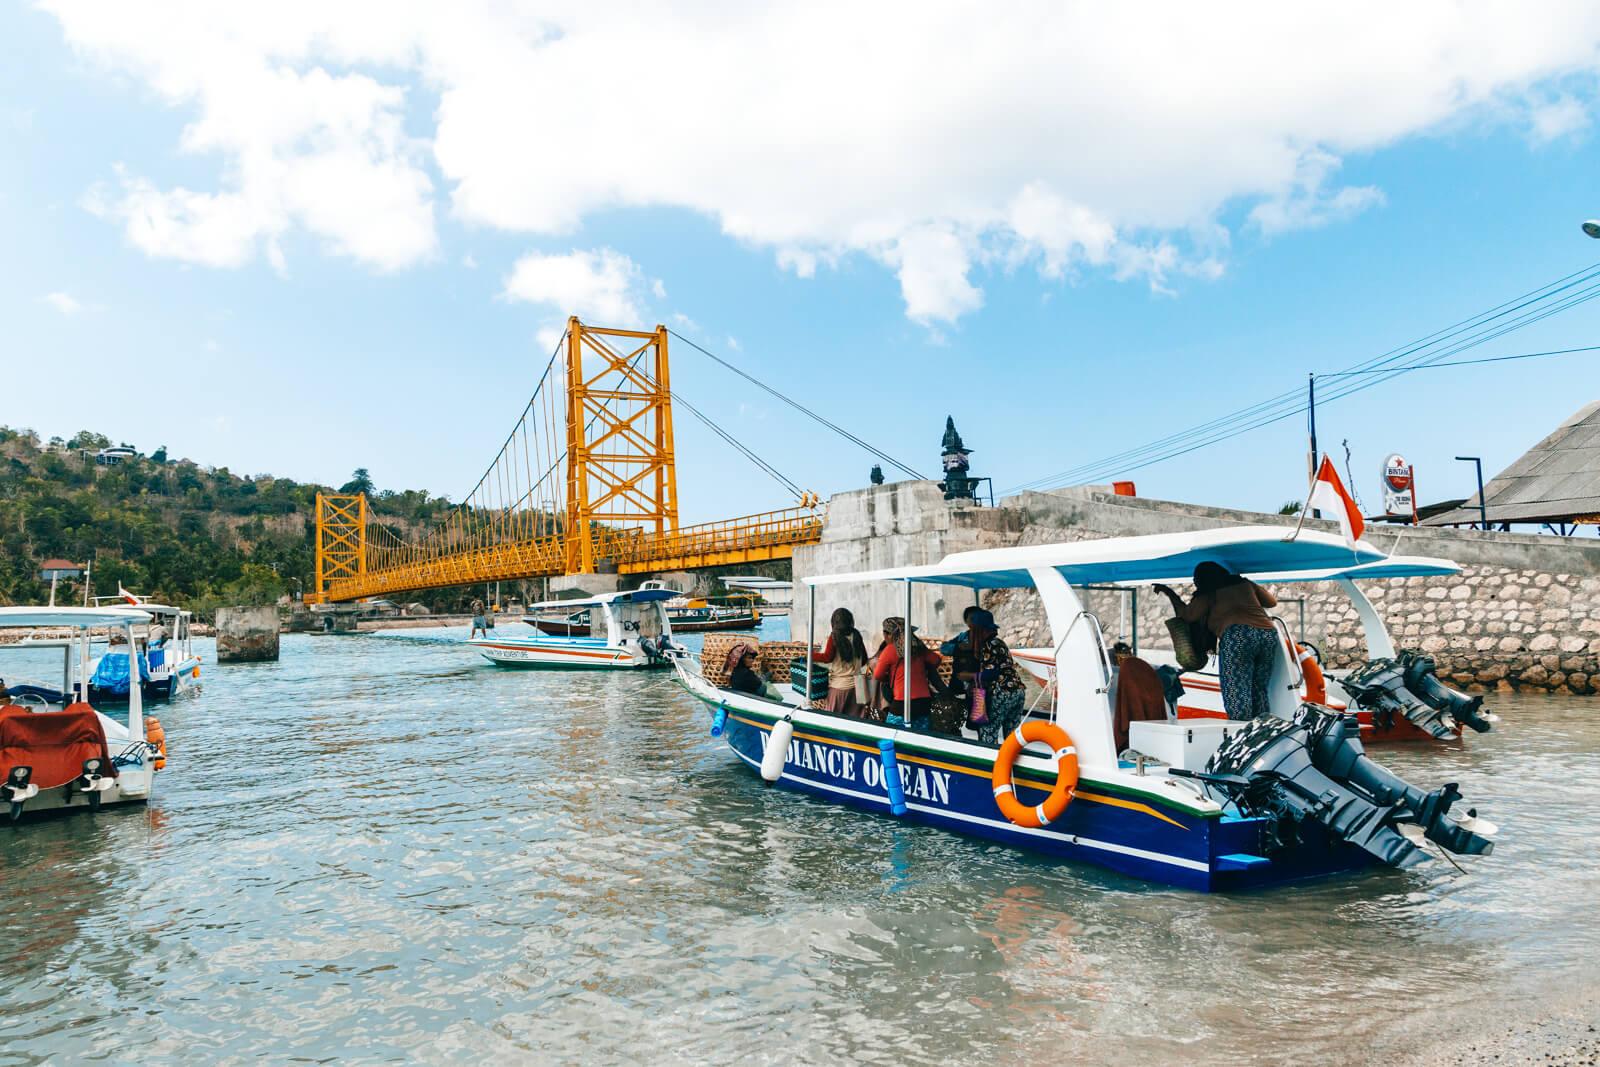 Nusa Ceningan e Nusa Lembongan - ponte amarela / yellow briget